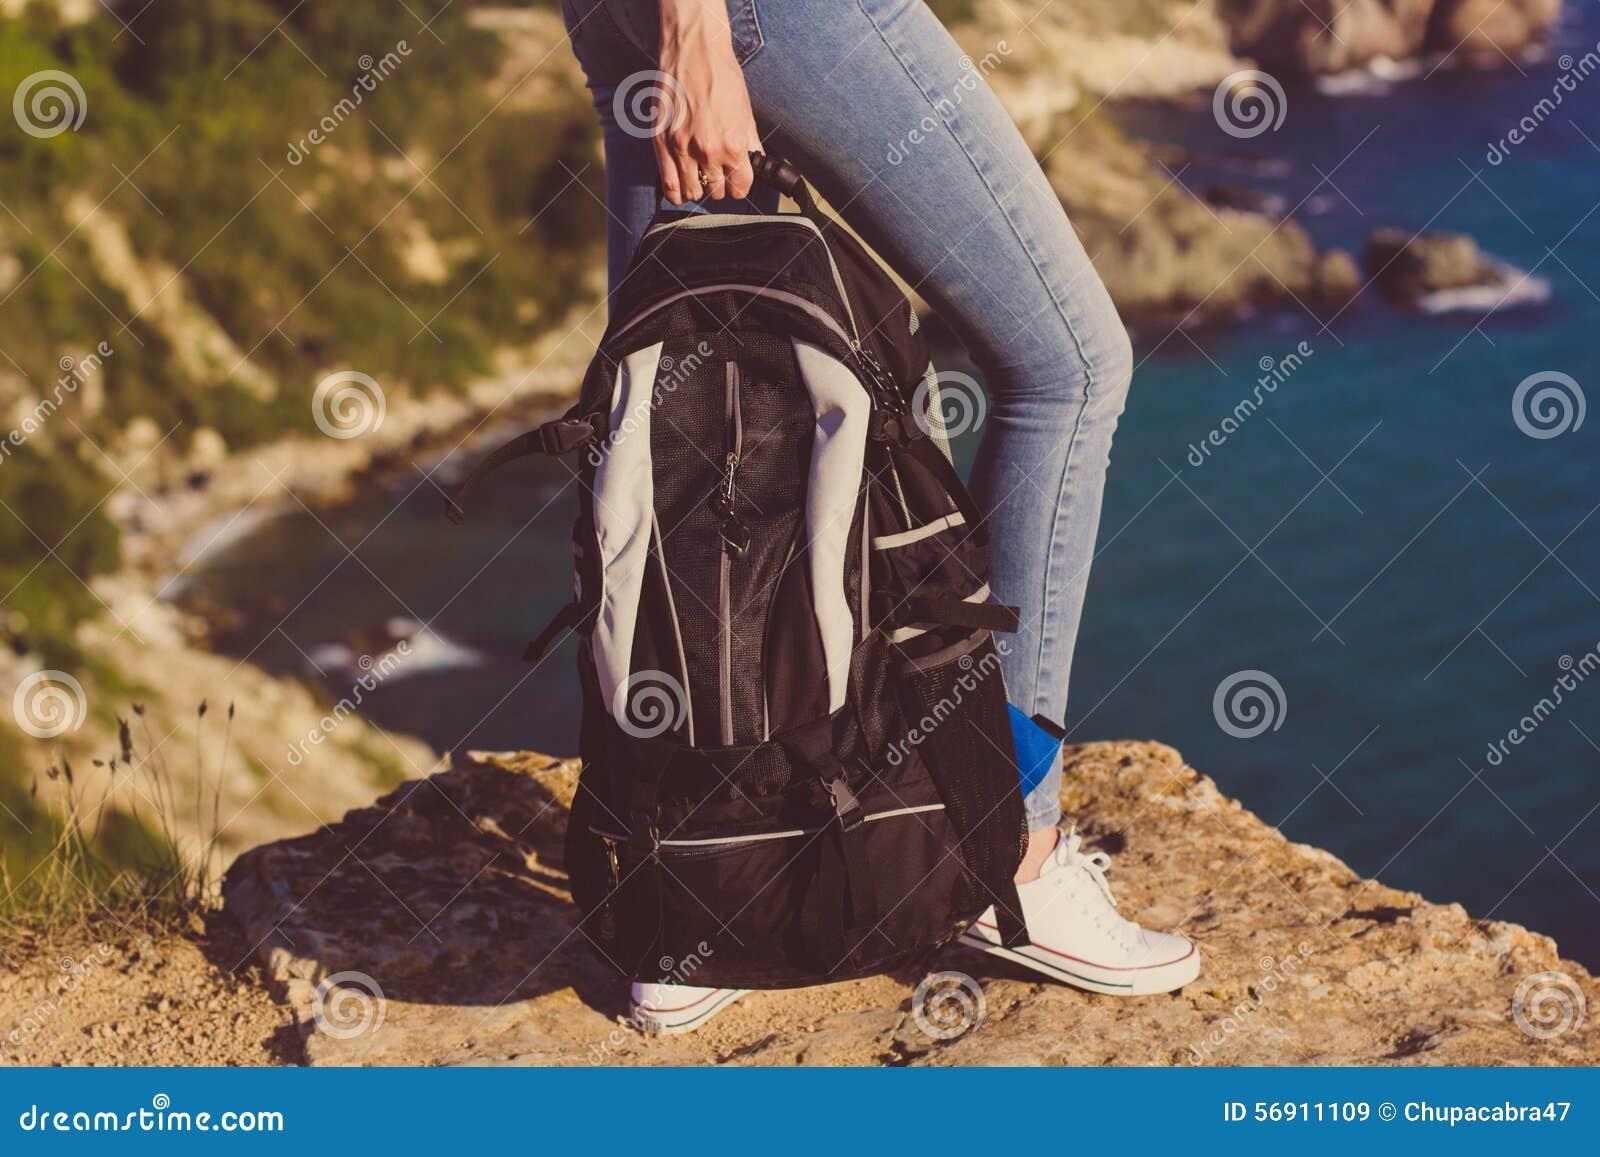 Ευτυχές κορίτσι με το σακίδιο πλάτης στα χέρια της